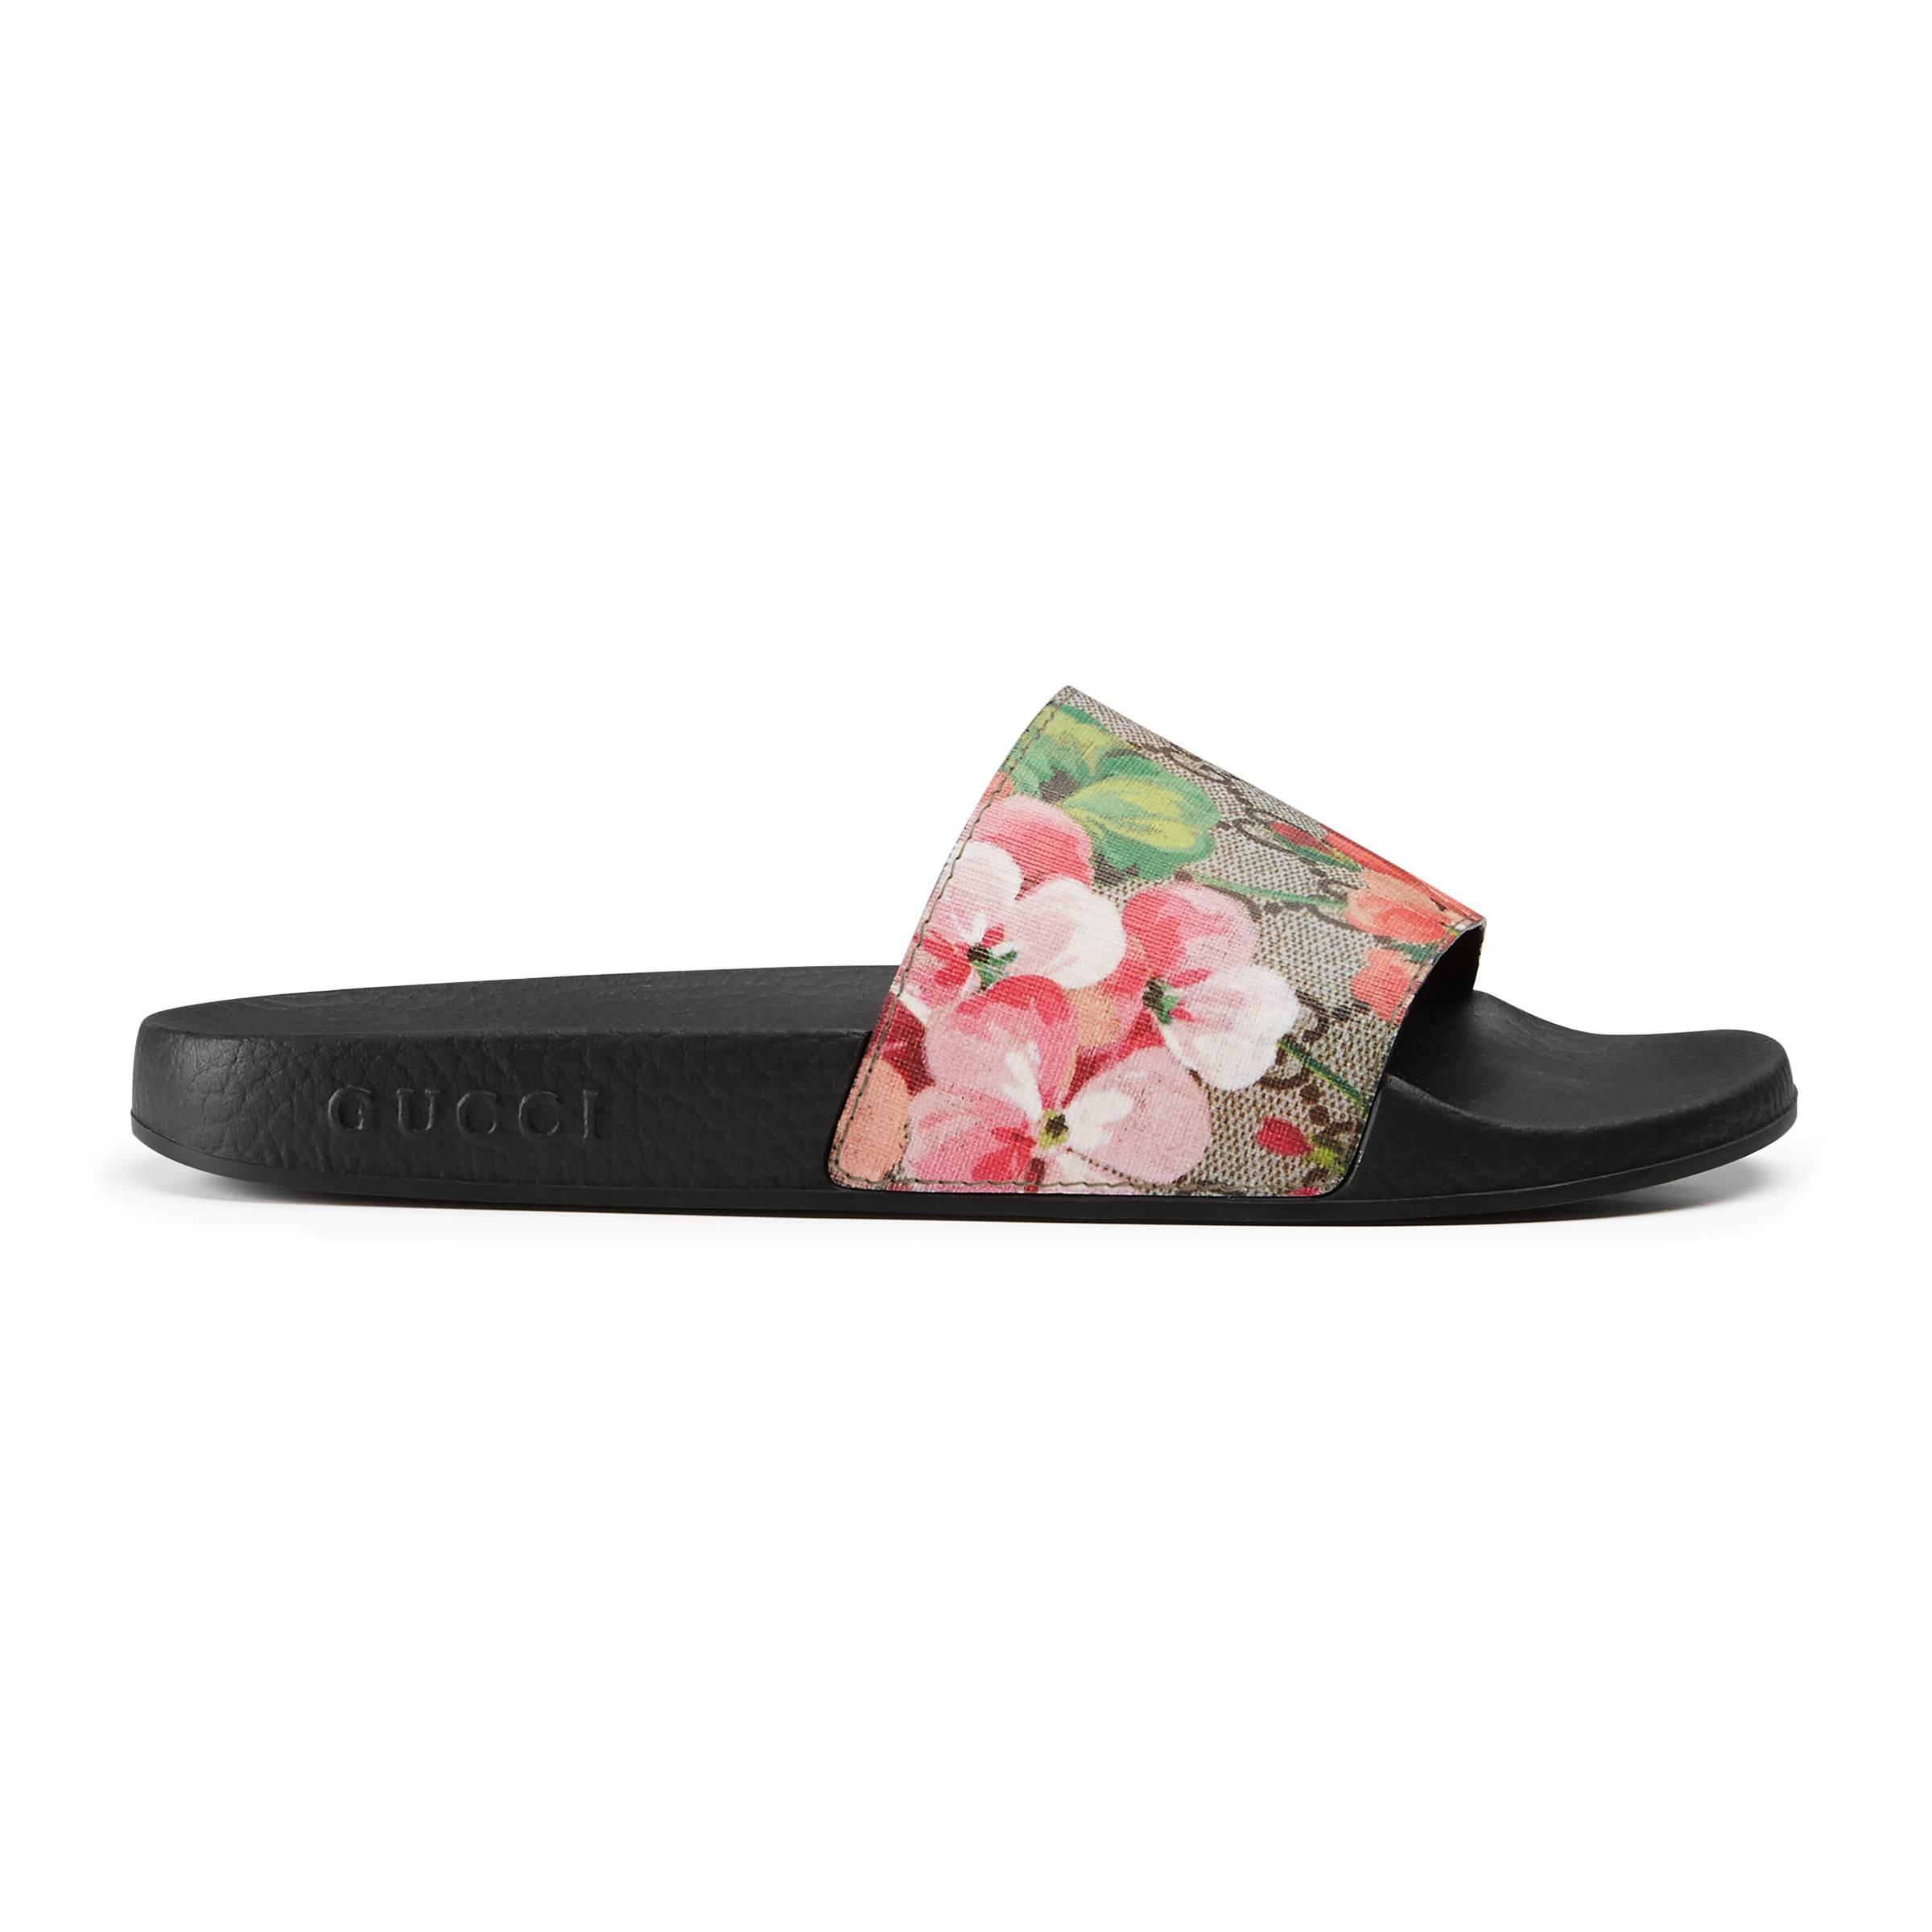 1831fcb7ba8 Gucci GG Blooms Supreme Slide Sandal in Natural - Lyst